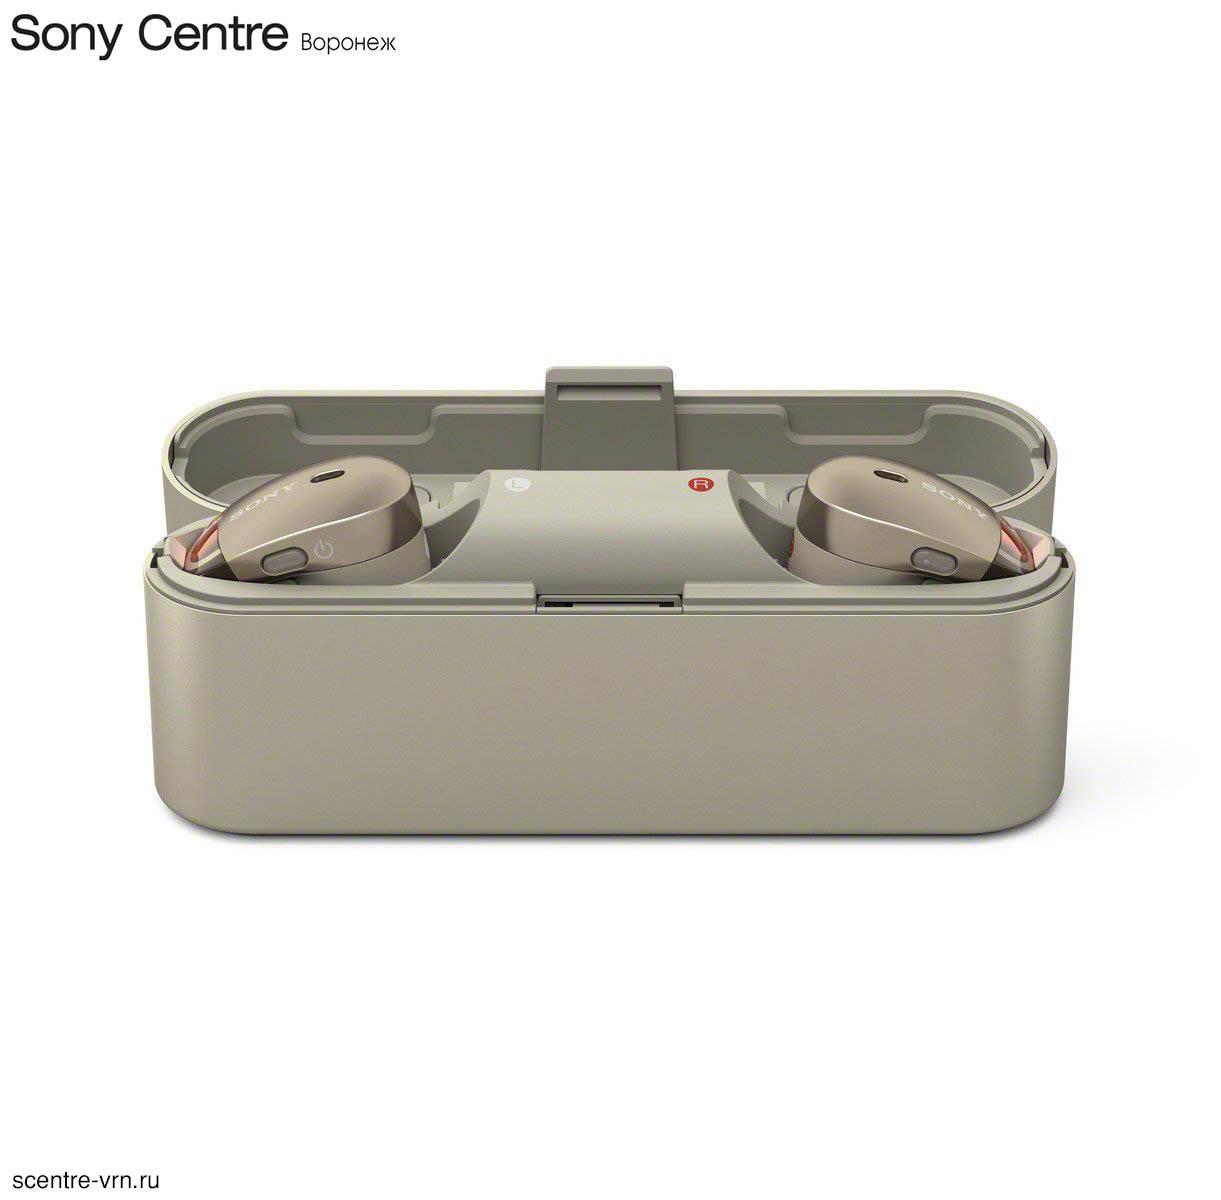 Беспроводные наушники Sony WF-1000X с шумоподавлением, цвет золотой